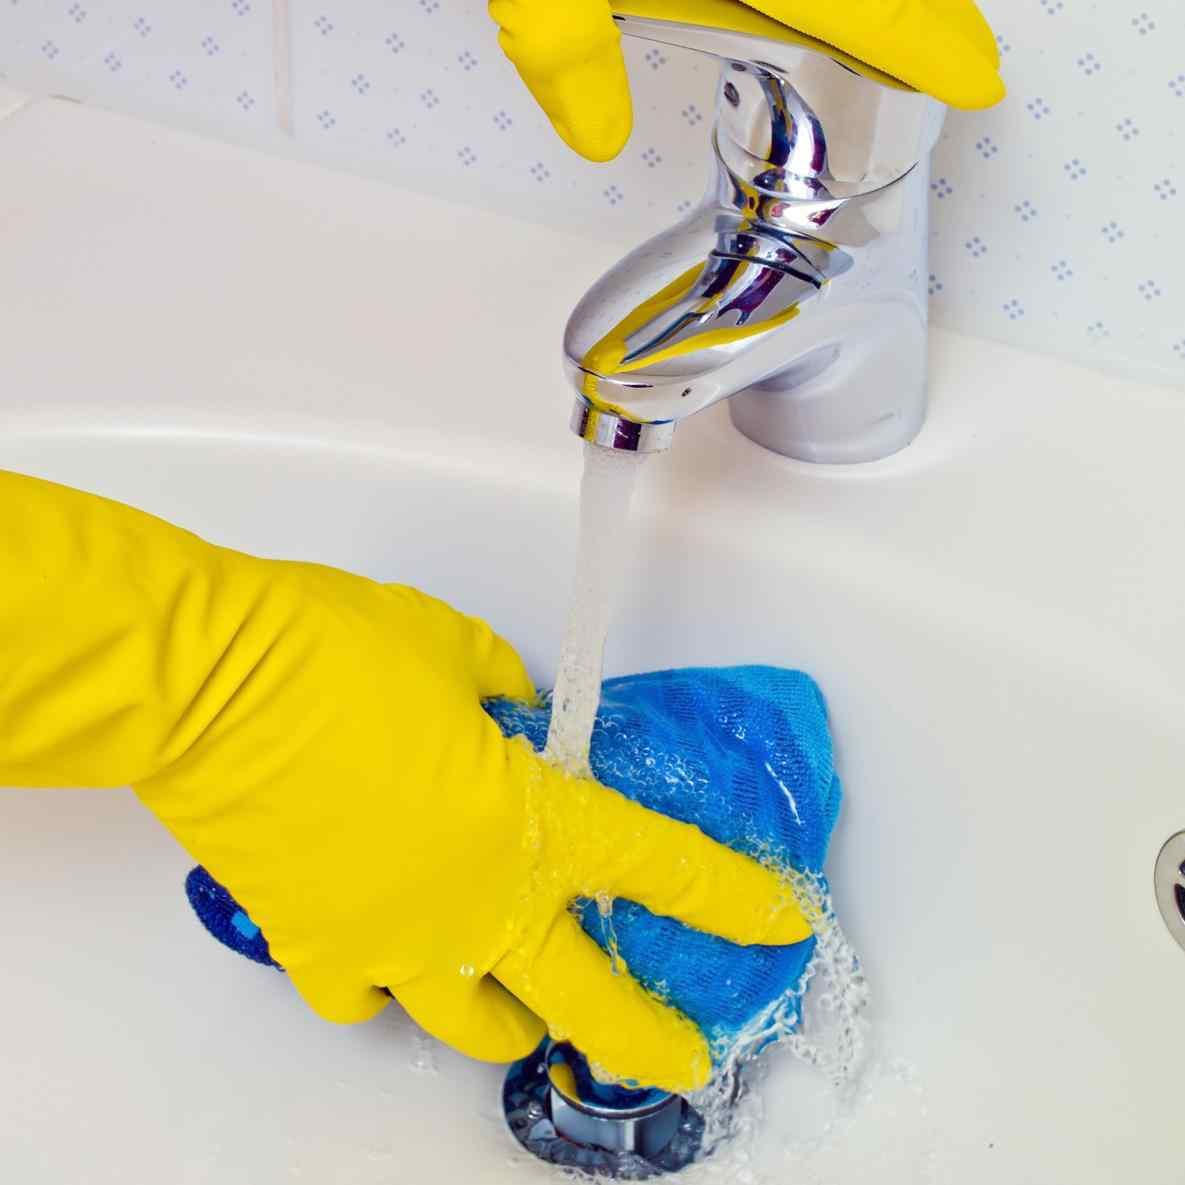 Как очистить ванну в домашних условиях фото 2